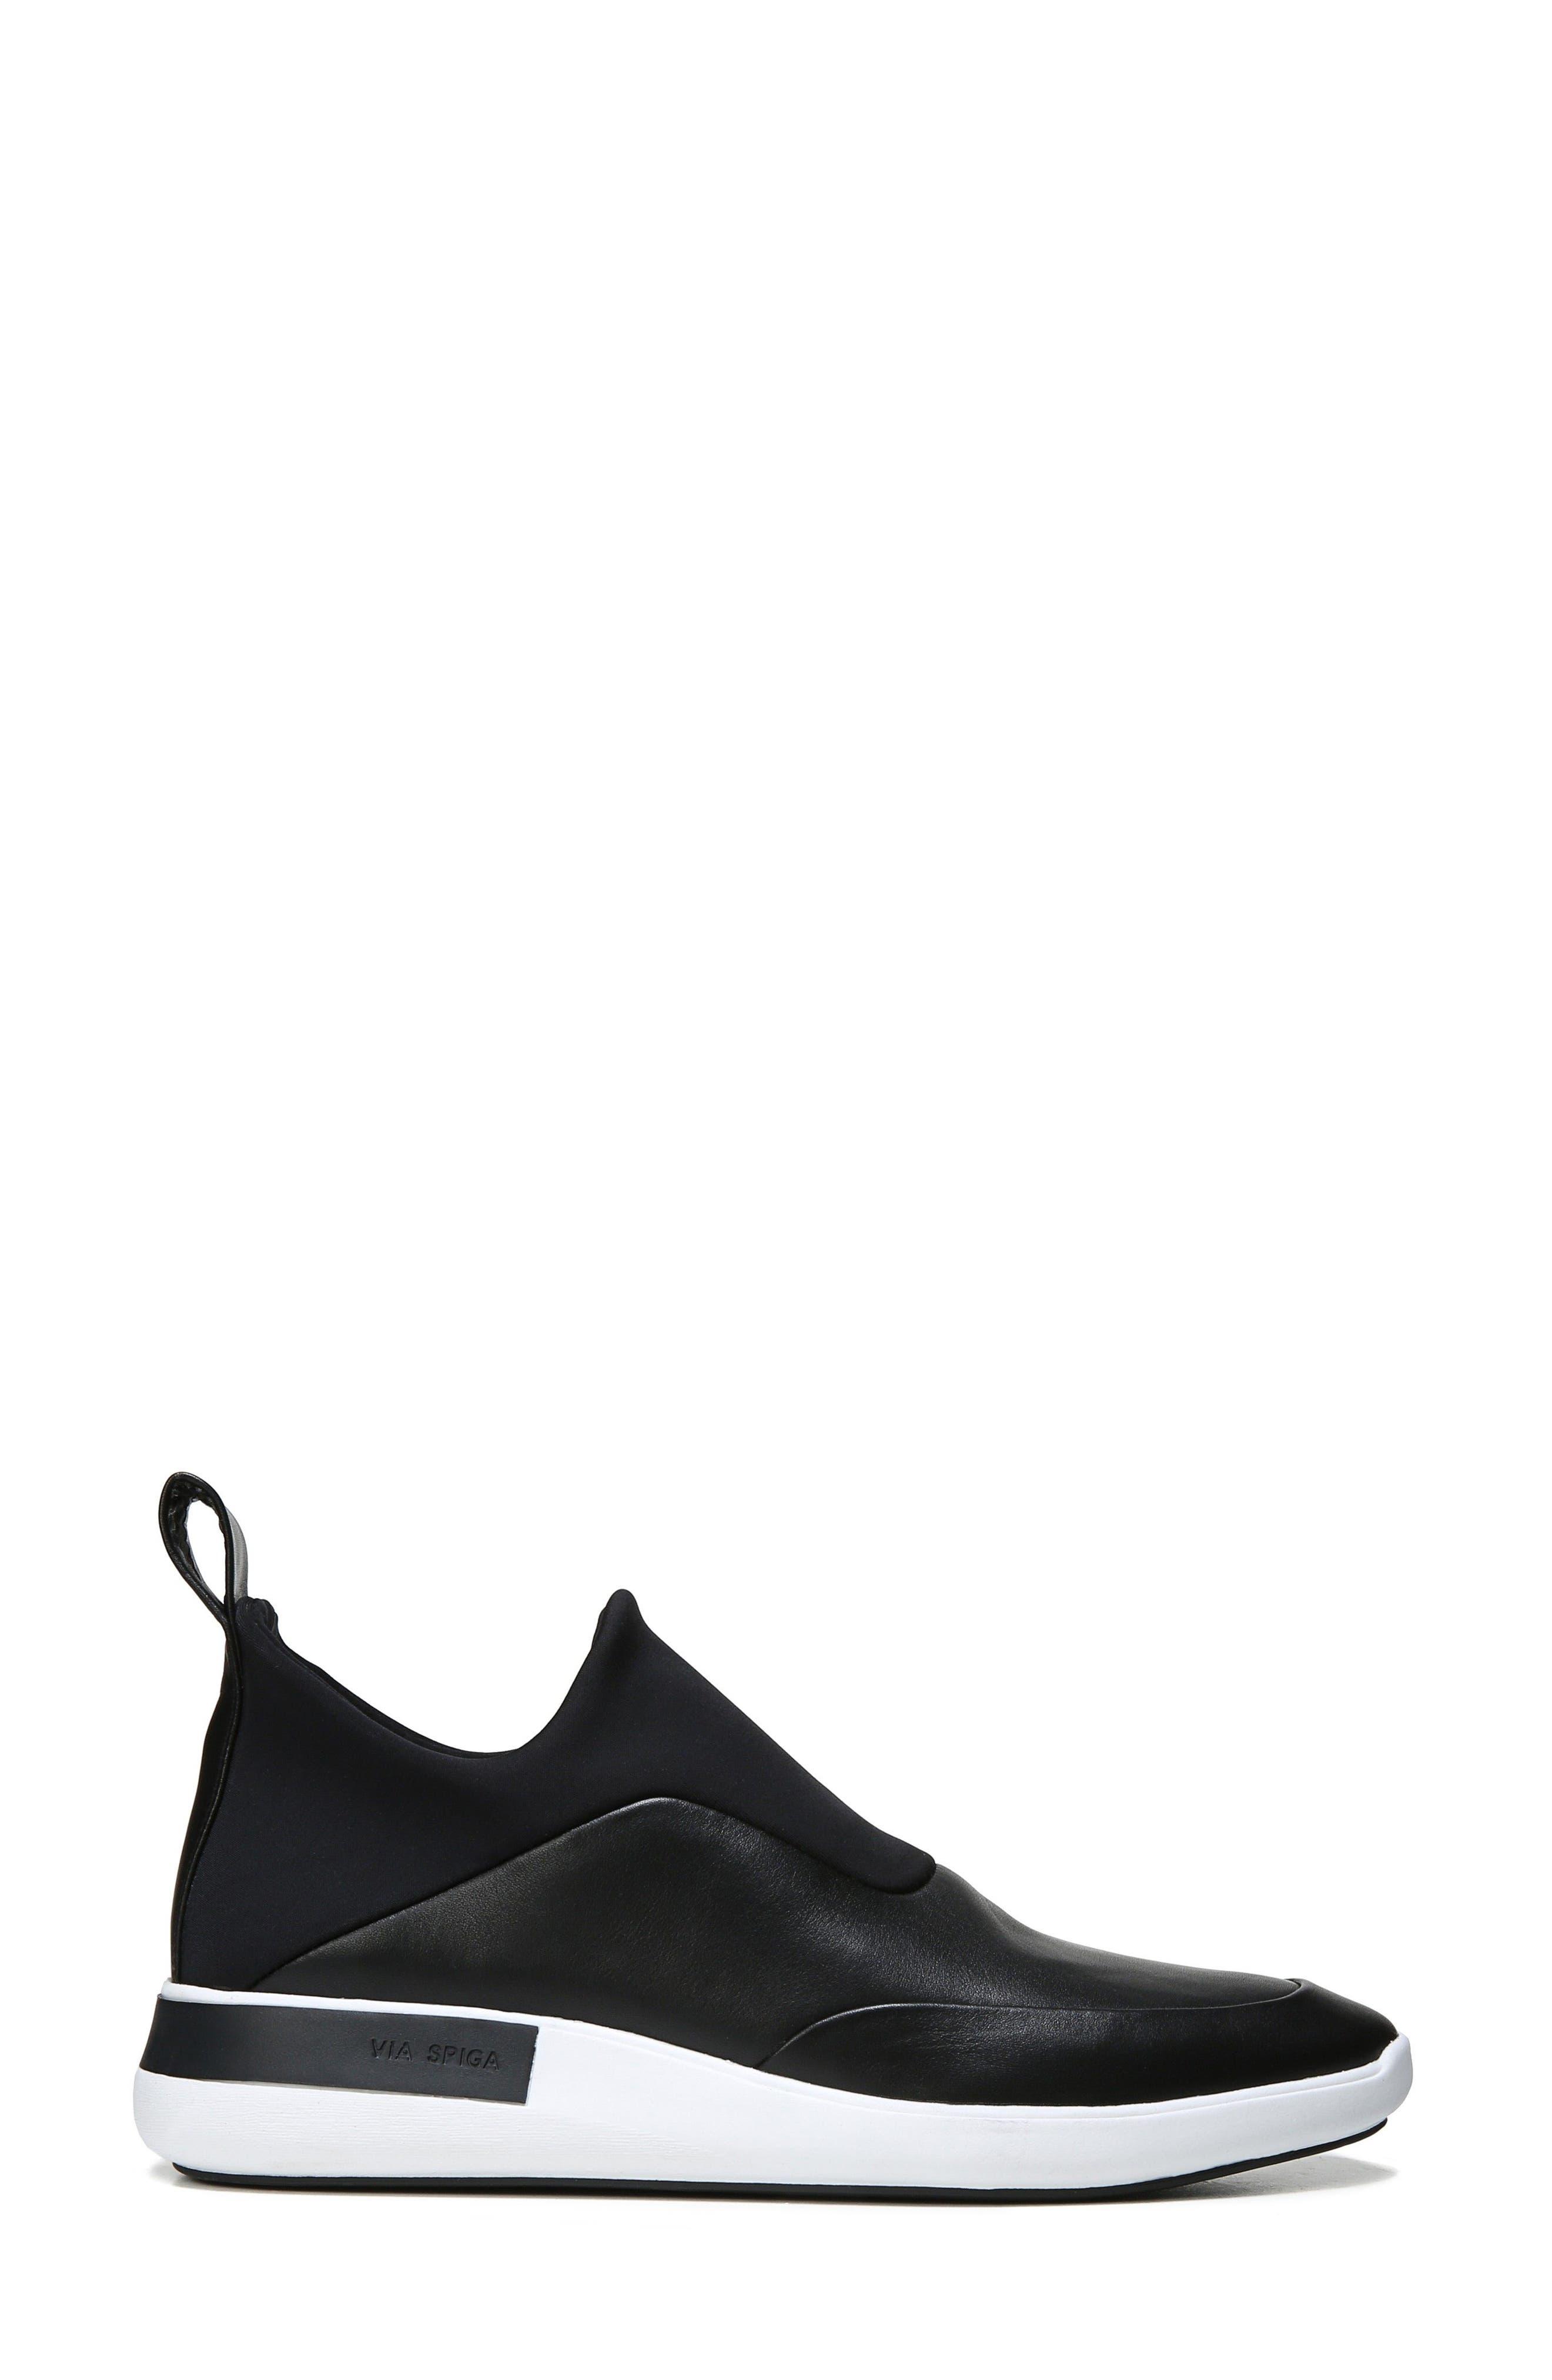 Mercer Slip-On Sneaker,                             Alternate thumbnail 3, color,                             Black Leather